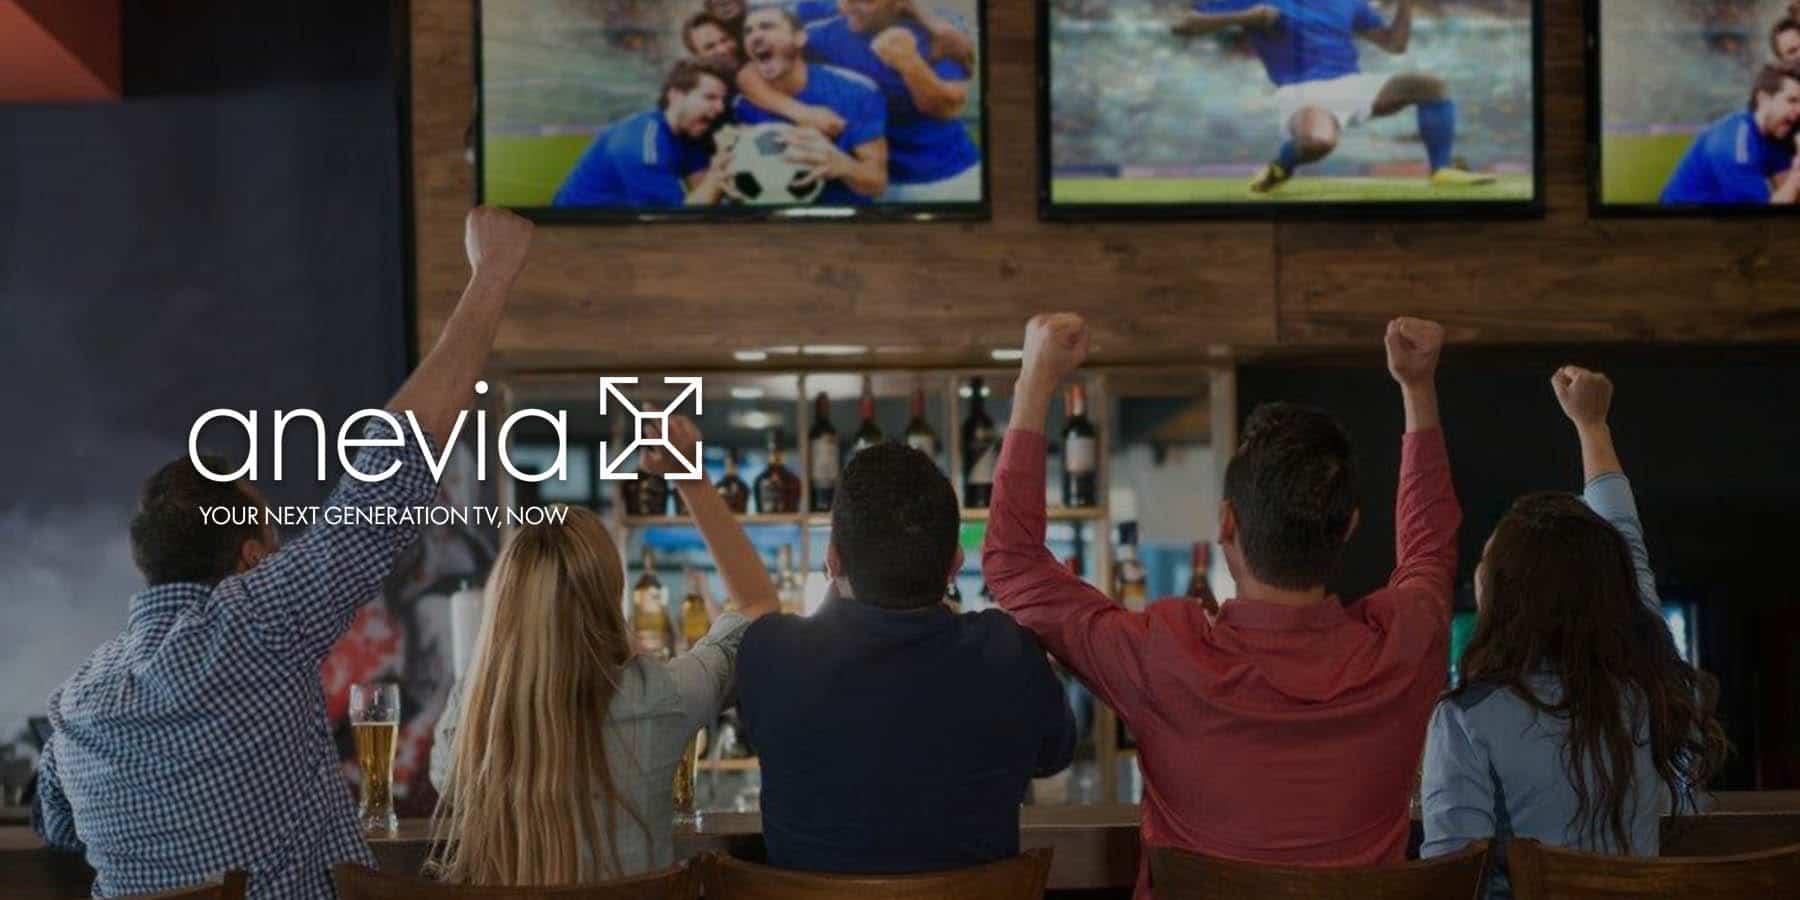 [Témoignage] Anevia choisi SAP Business By Design pour sa gestion d'entreprise